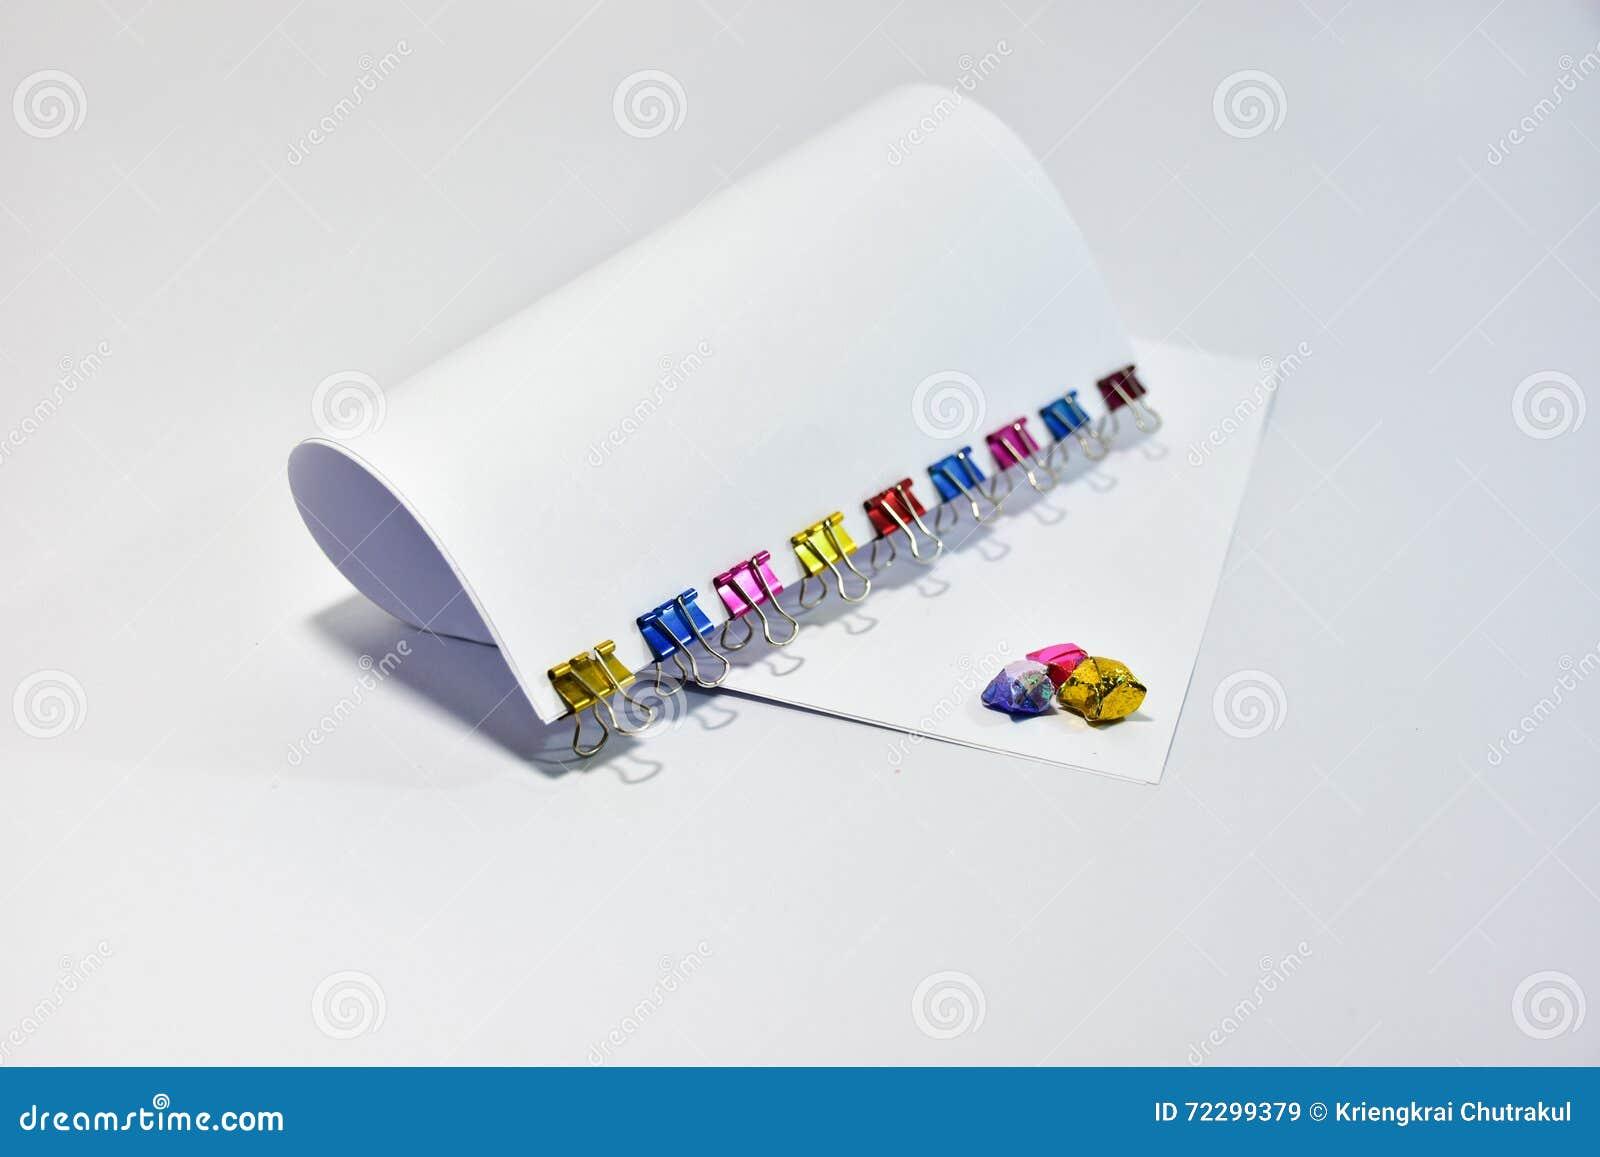 Download Покрасьте зажимы канцелярские товаров зажимов связывателя металла бумажные Стоковое Изображение - изображение насчитывающей оборудование, струбцины: 72299379